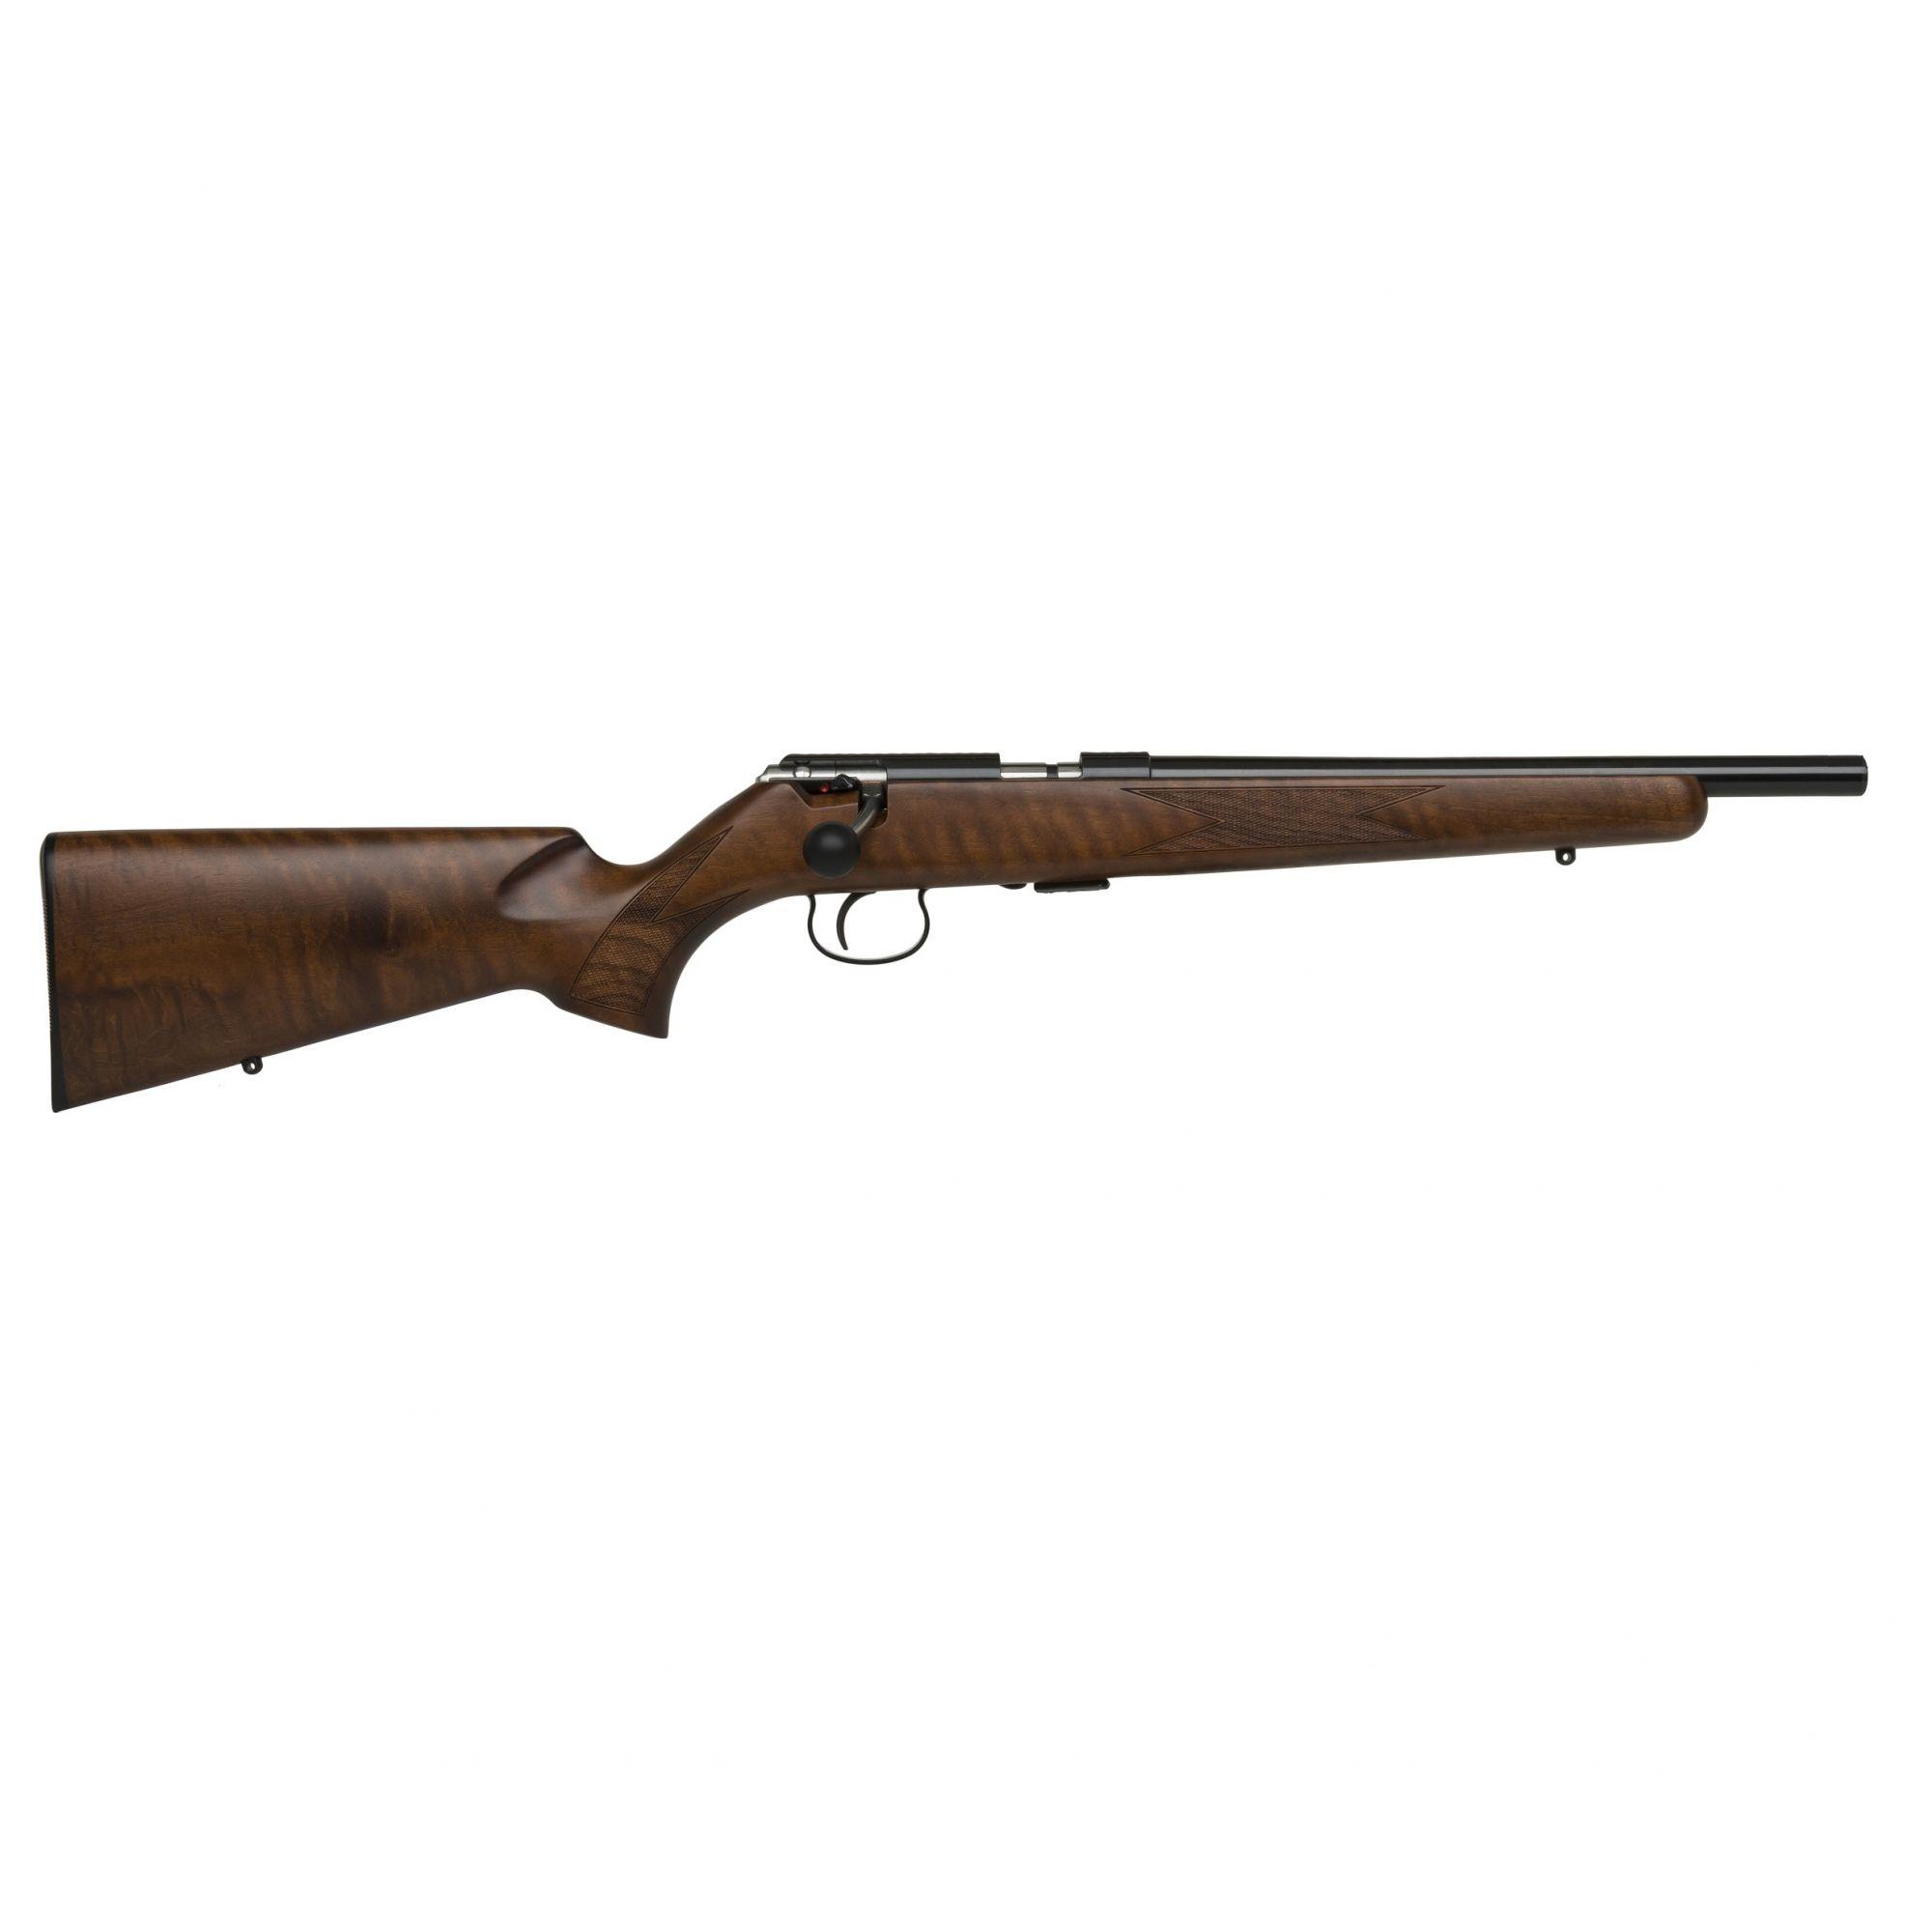 PRÉ VENDA - Anschutz - 1416 D HB G Classic - 13,55 polegadas - Calibre .22 LR